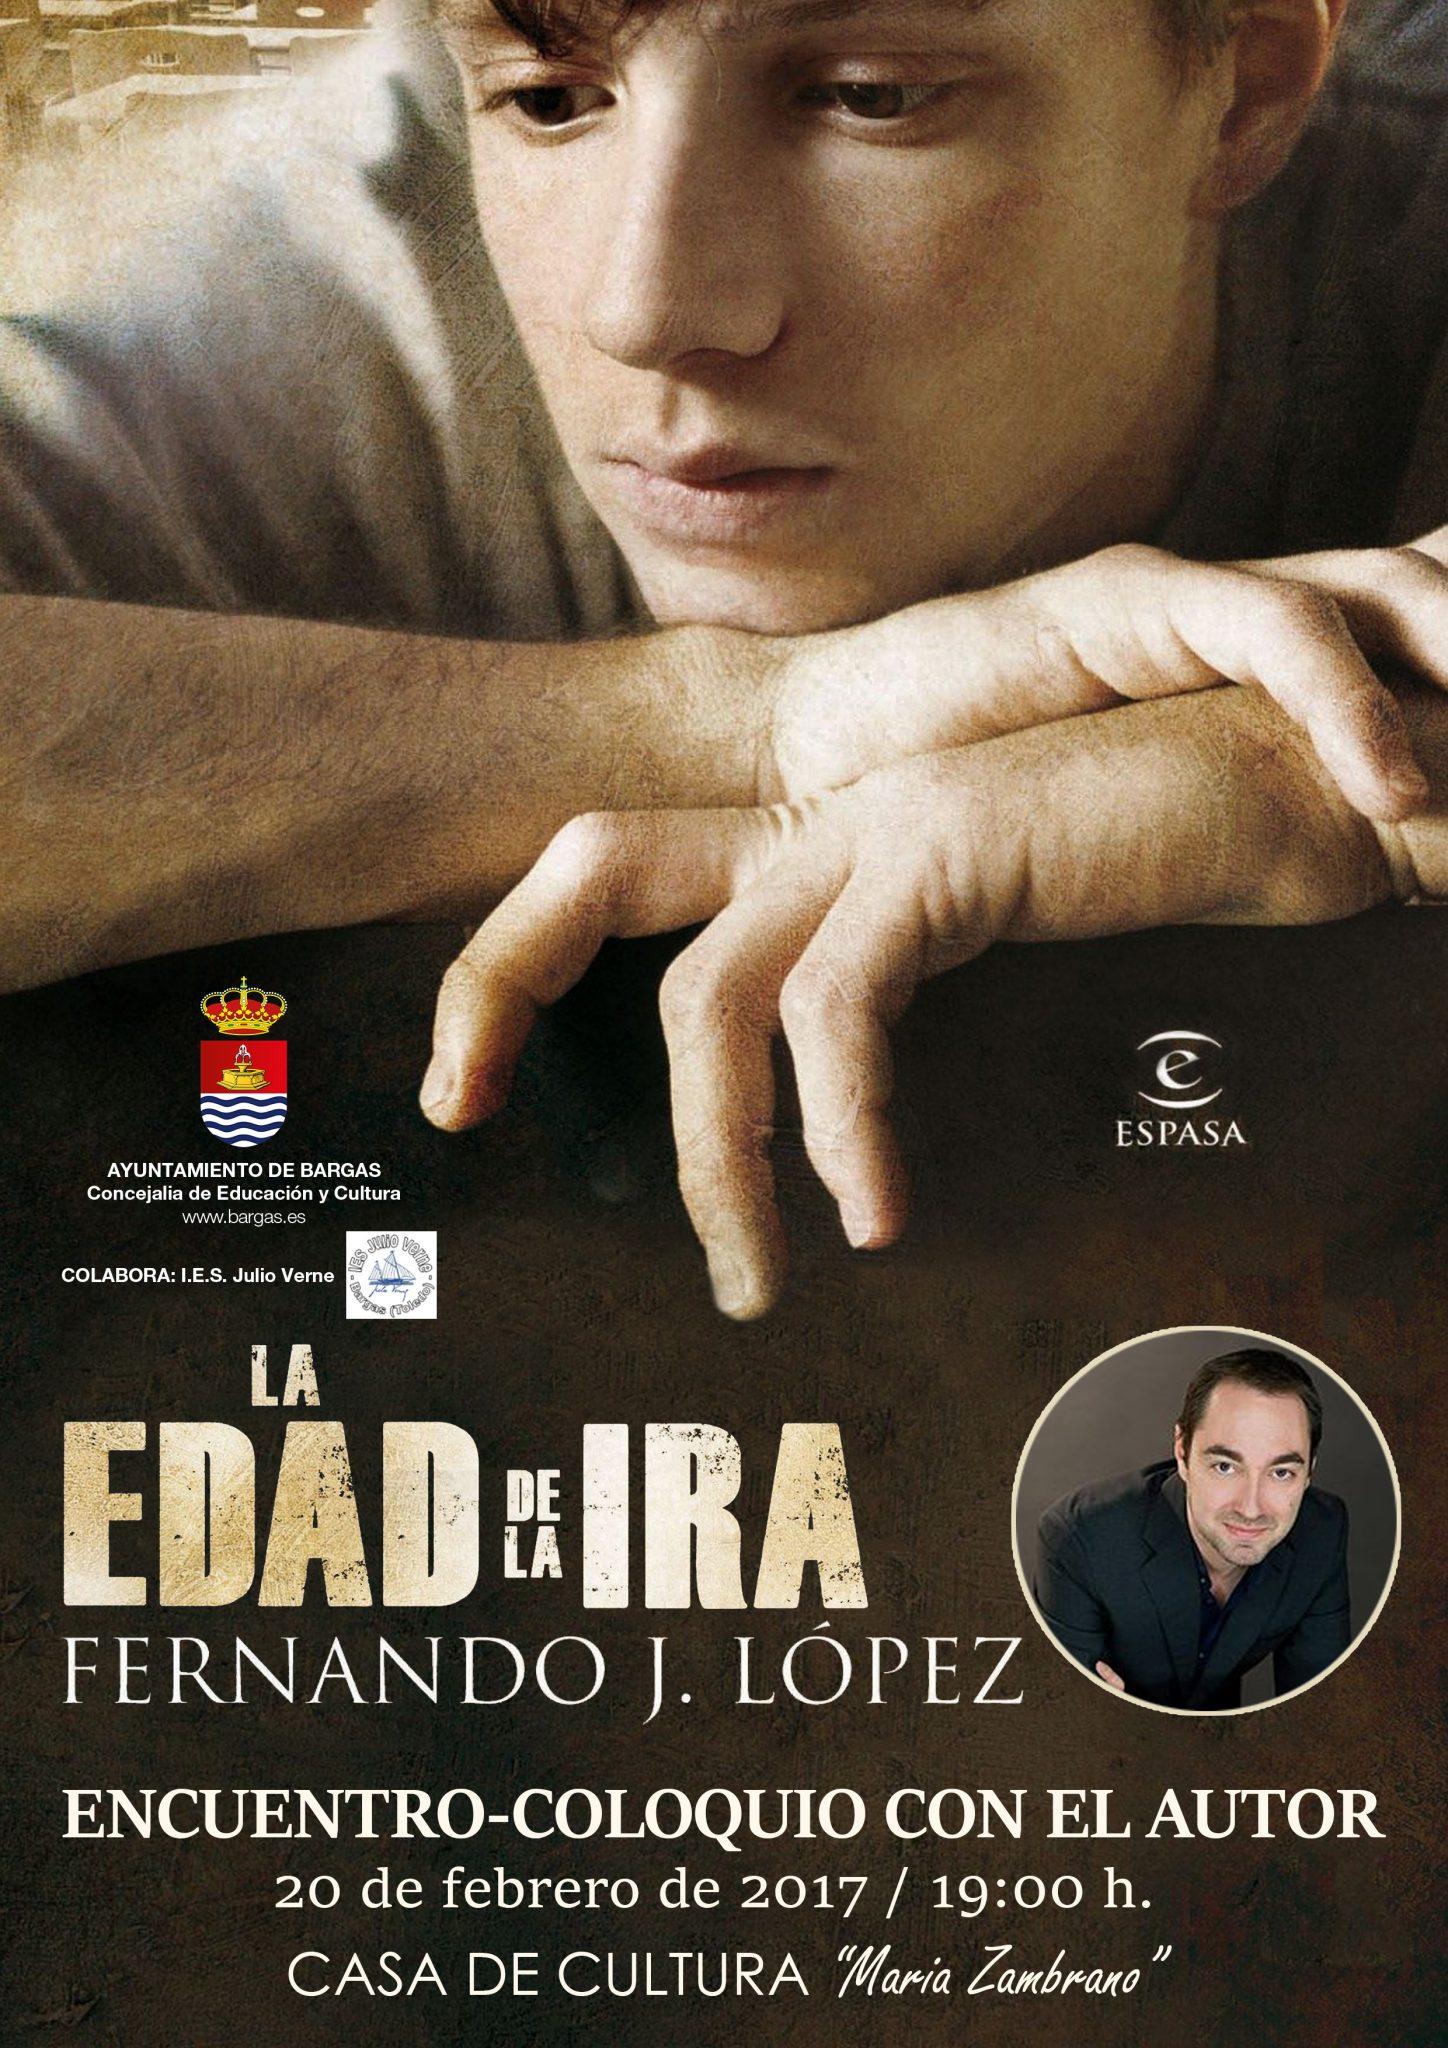 Encuentro-Coloquio con el autor Fernando J. López